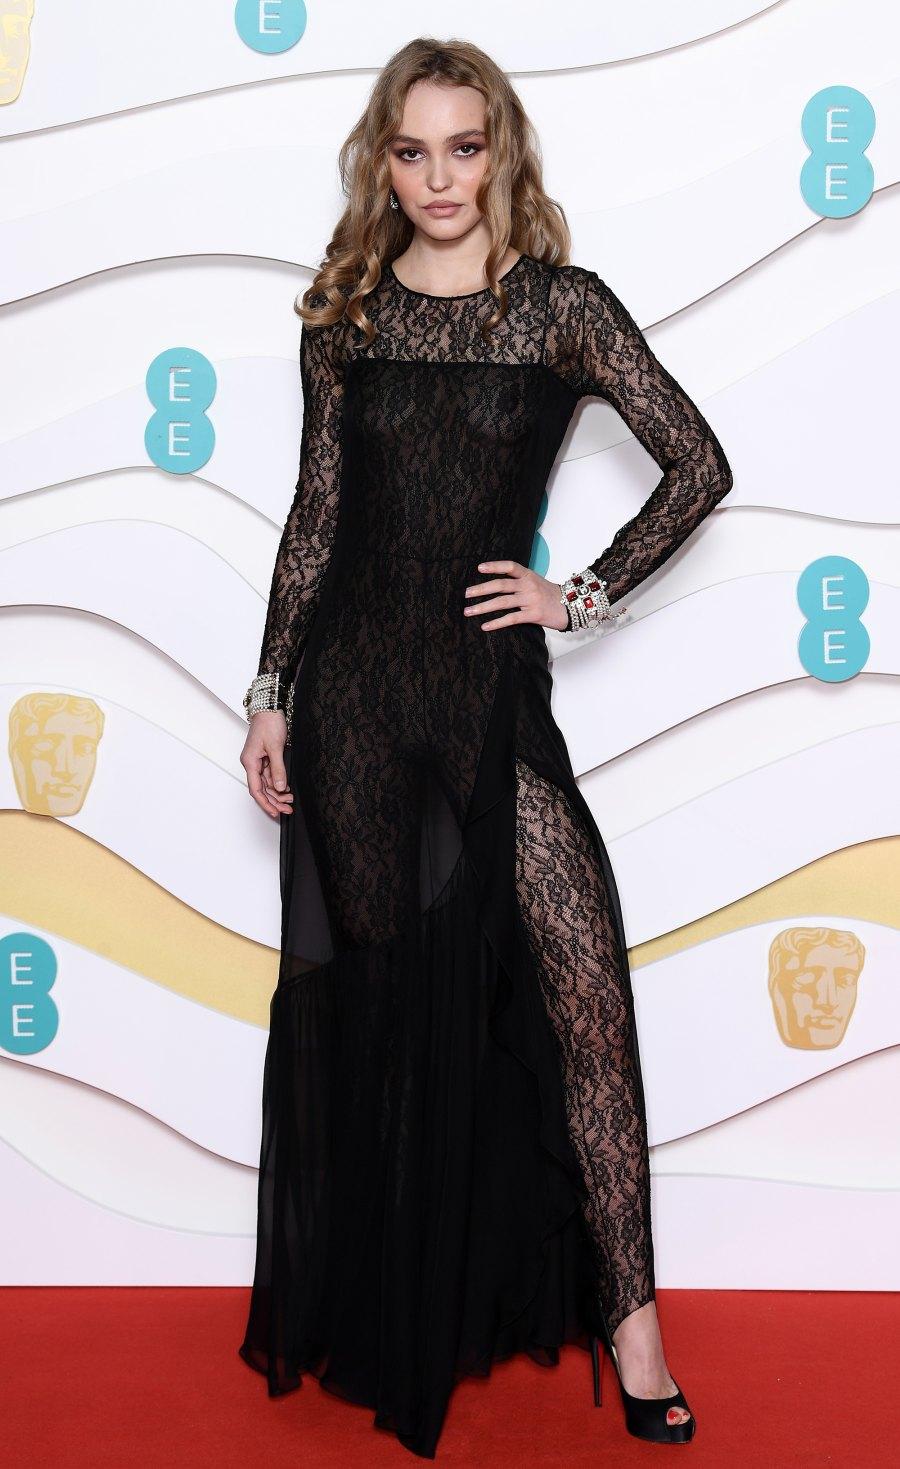 BAFTA Awards 2020 - LIly Rose Depp